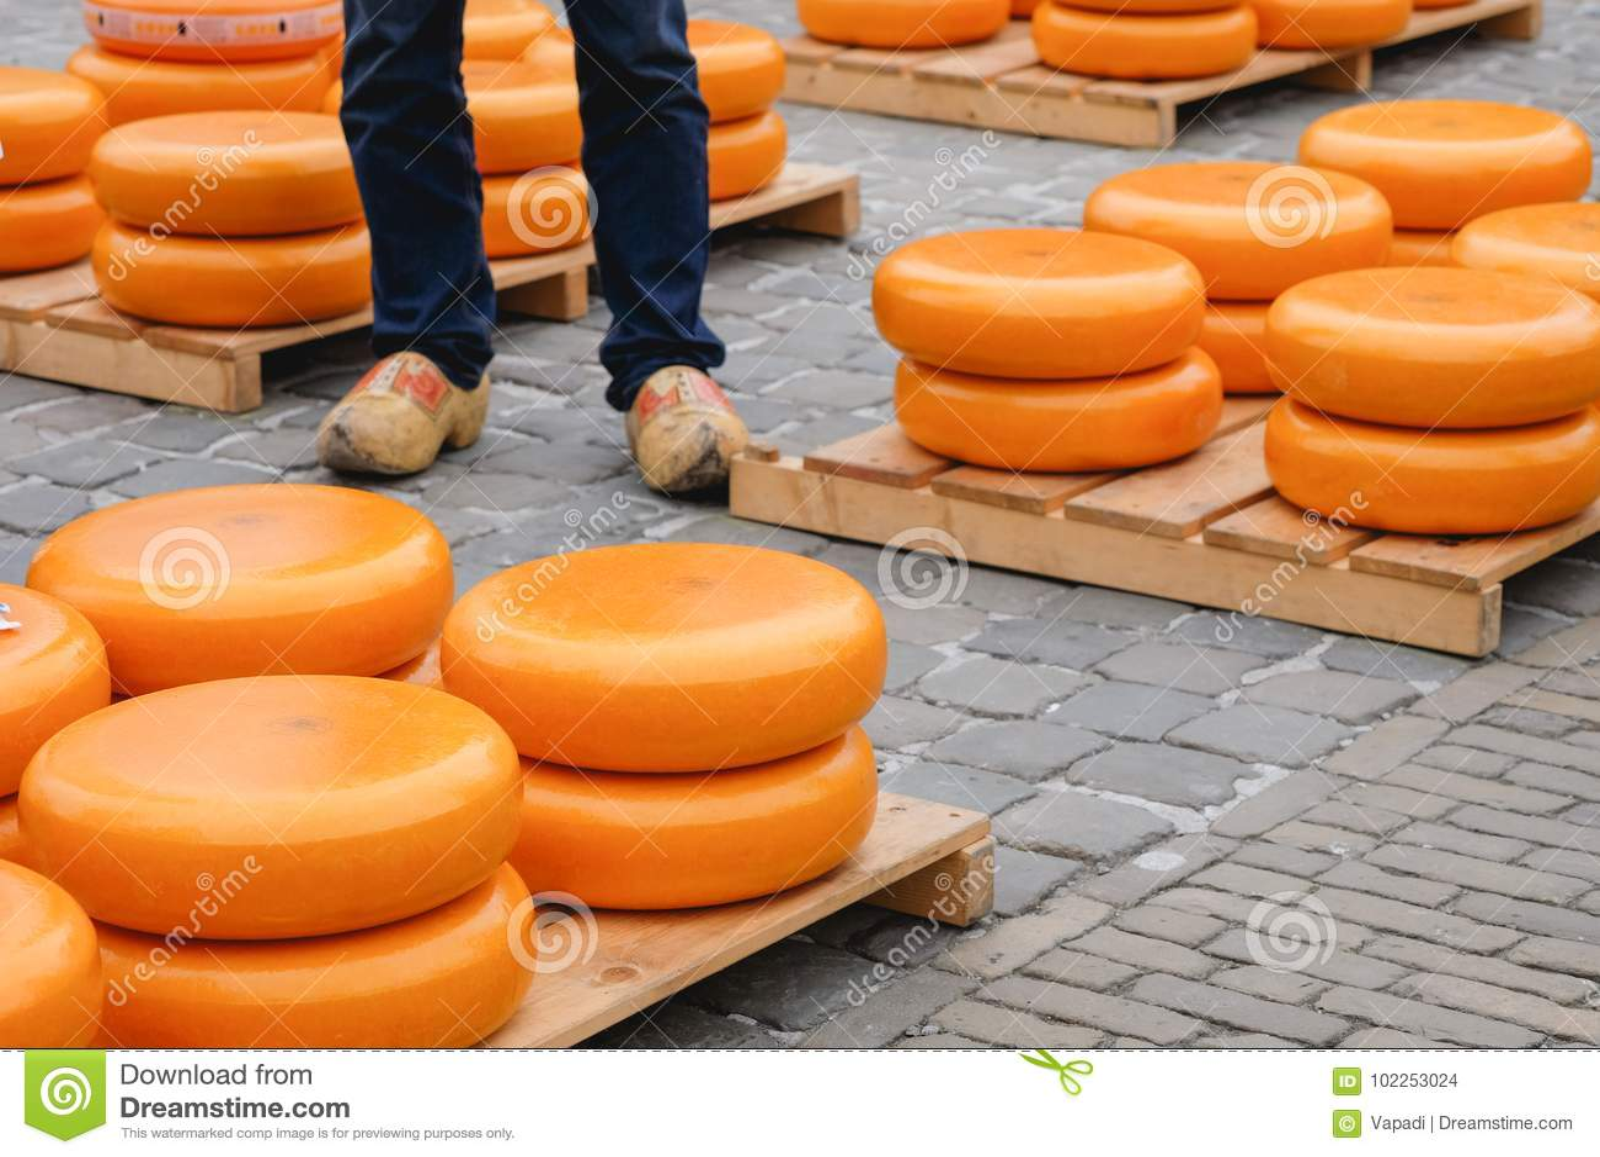 堆乳酪和传统荷兰鞋子在荷兰扁圆形干酪